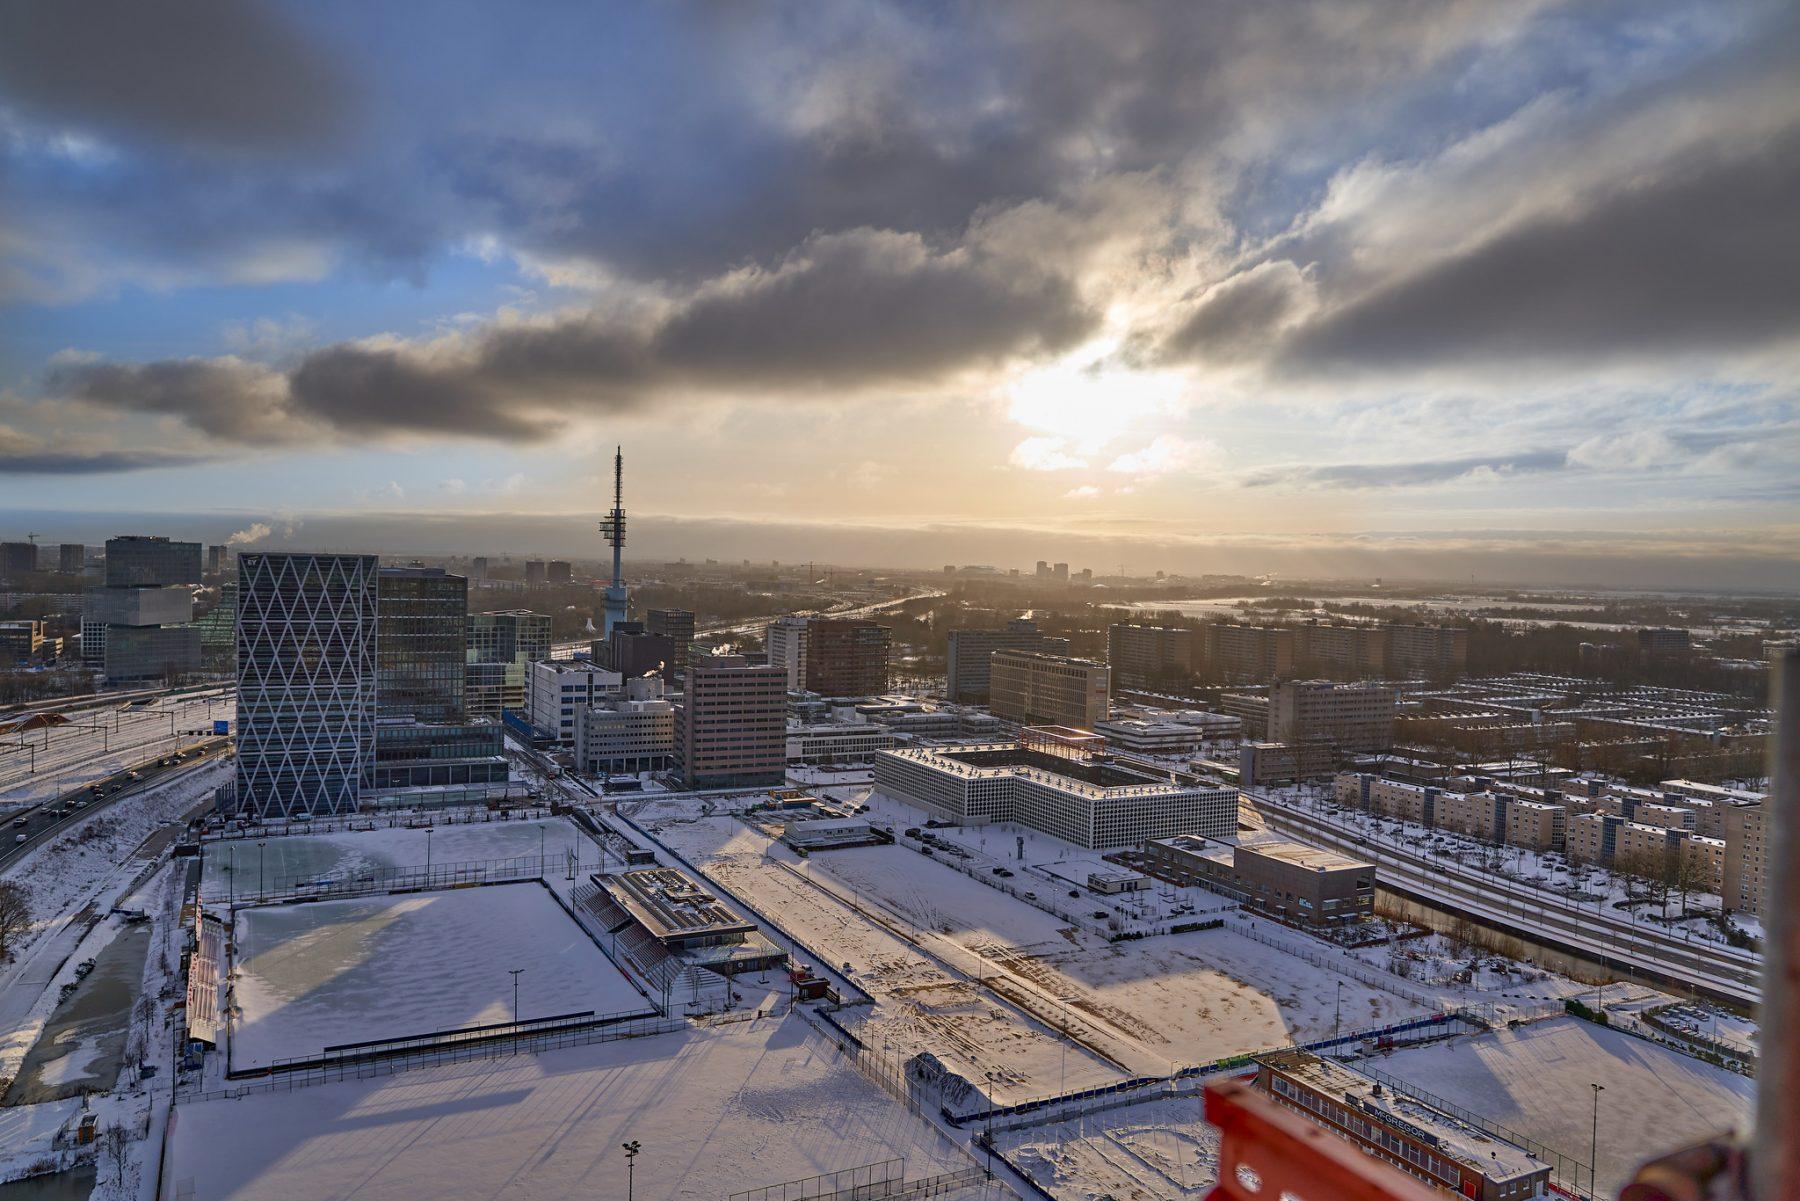 De locatie van de toekomstige woonbuurt Ravel, februari 2021